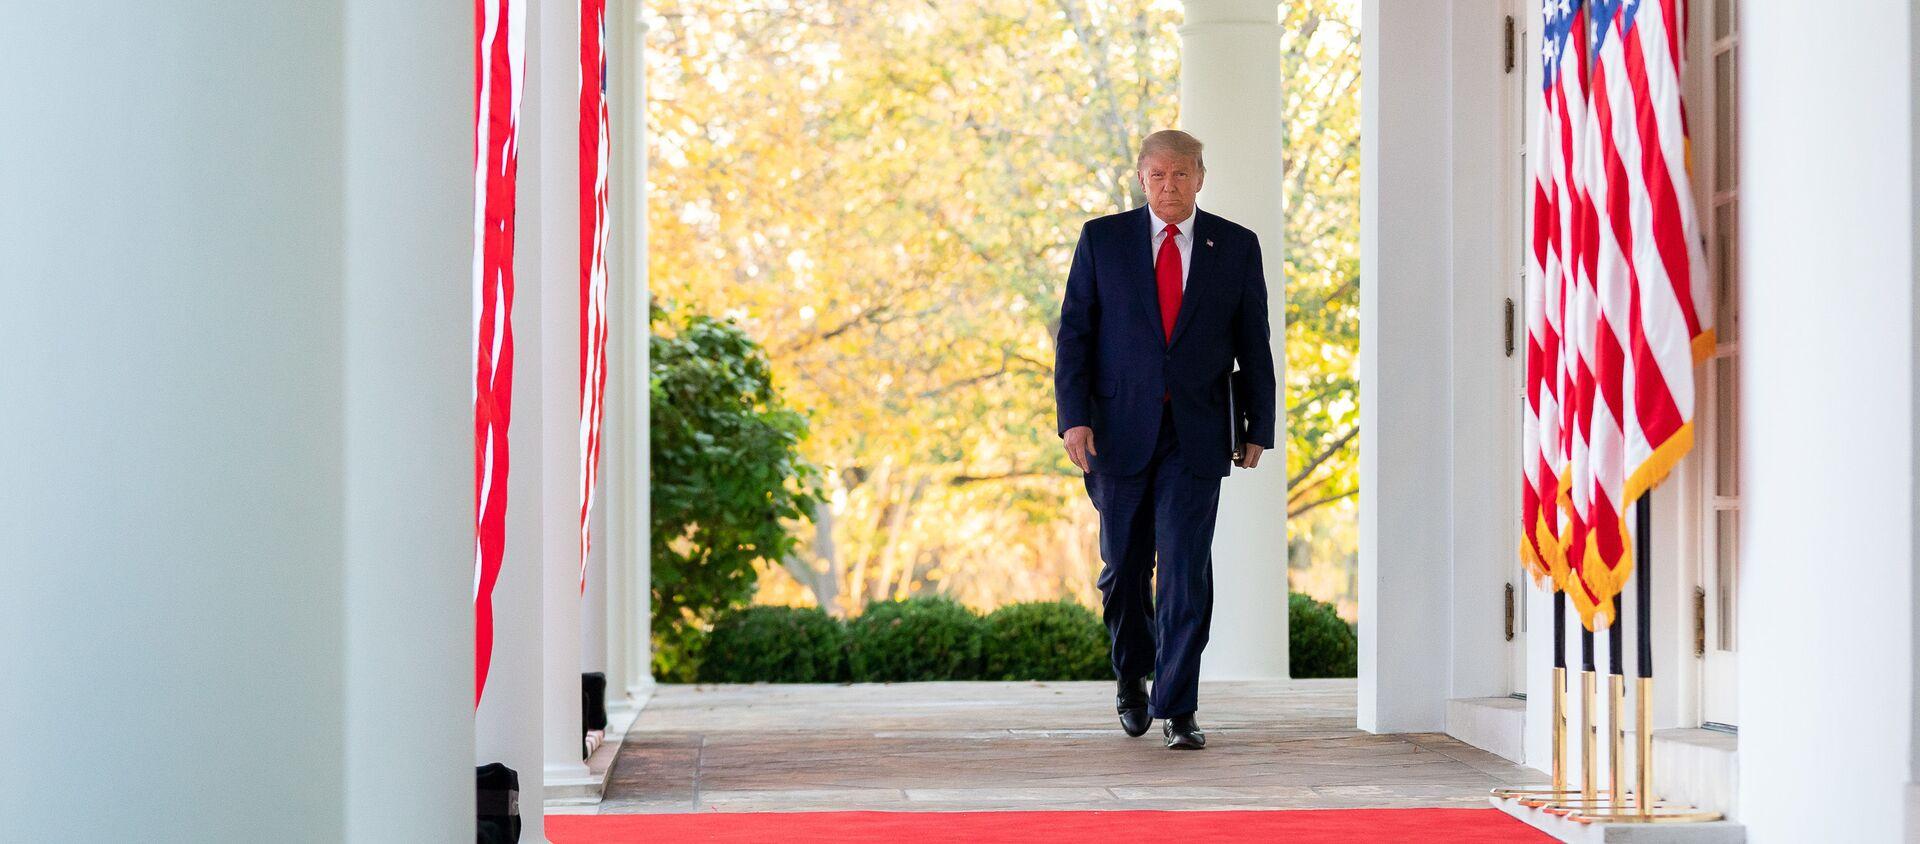 Tổng thống Donald Trump tại Nhà Trắng ở Washington, Mỹ - Sputnik Việt Nam, 1920, 05.04.2021